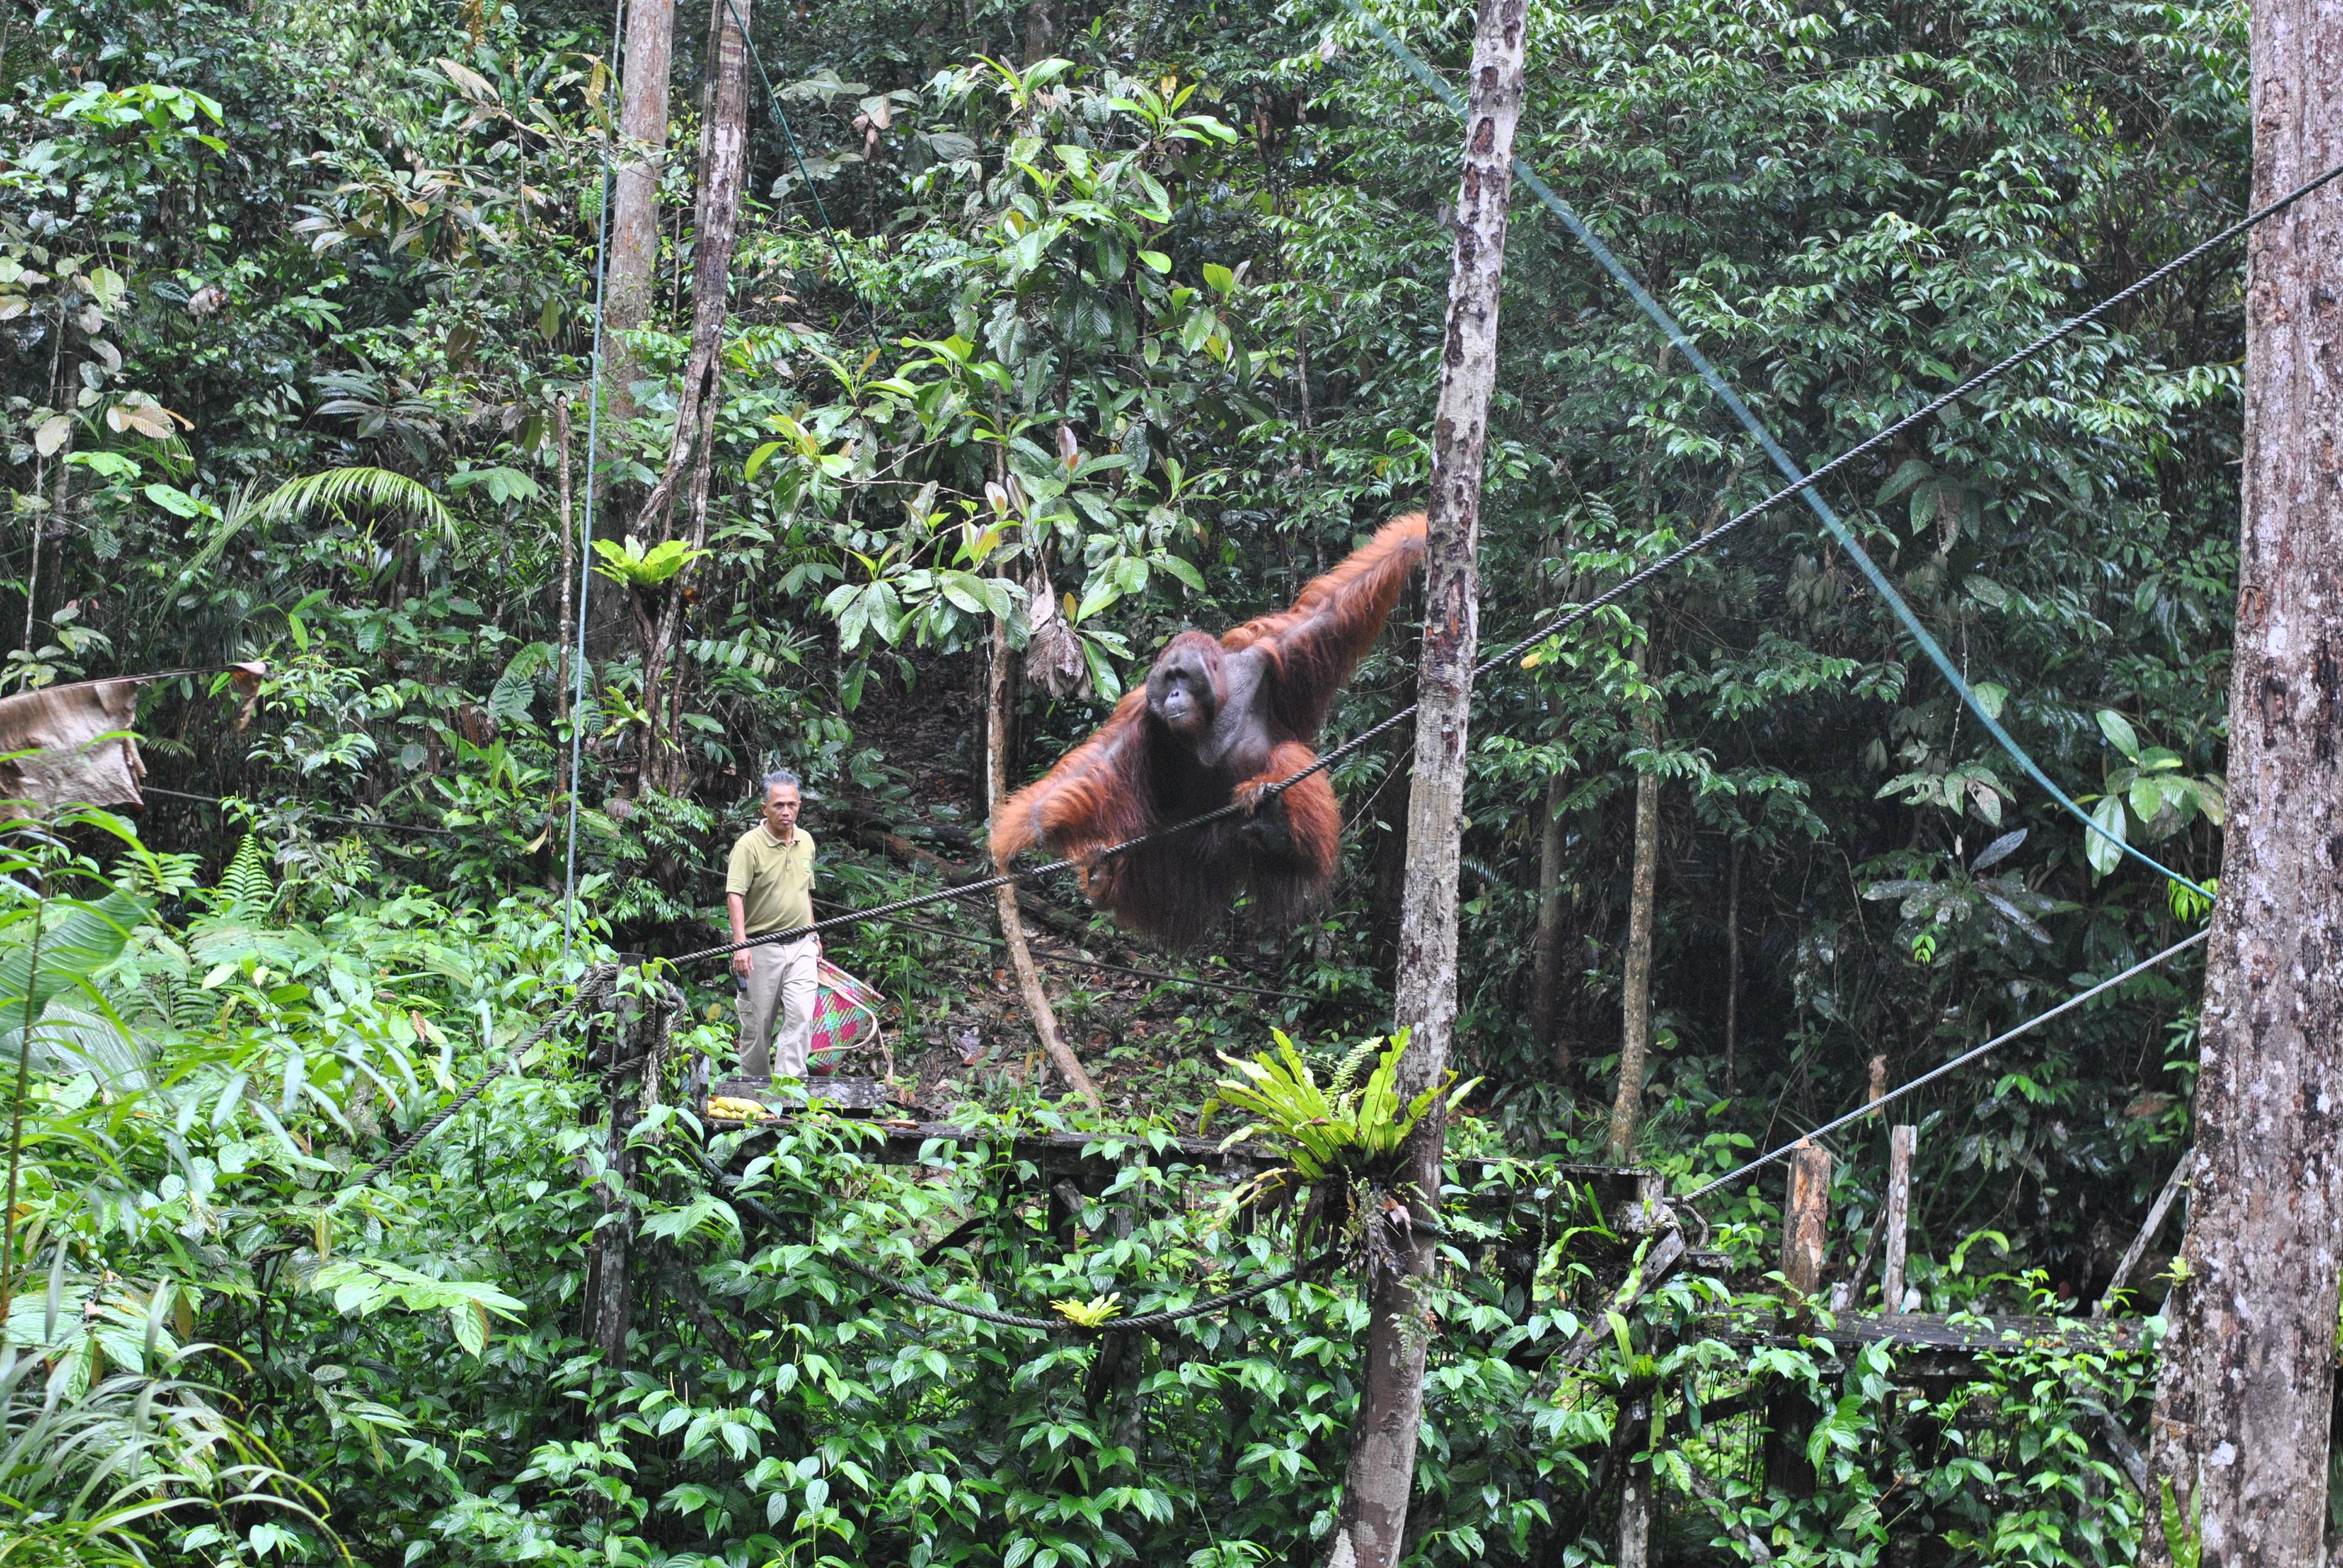 You are currently viewing Orangutans begrüßen uns im Regenwald von Borneo [MYS]